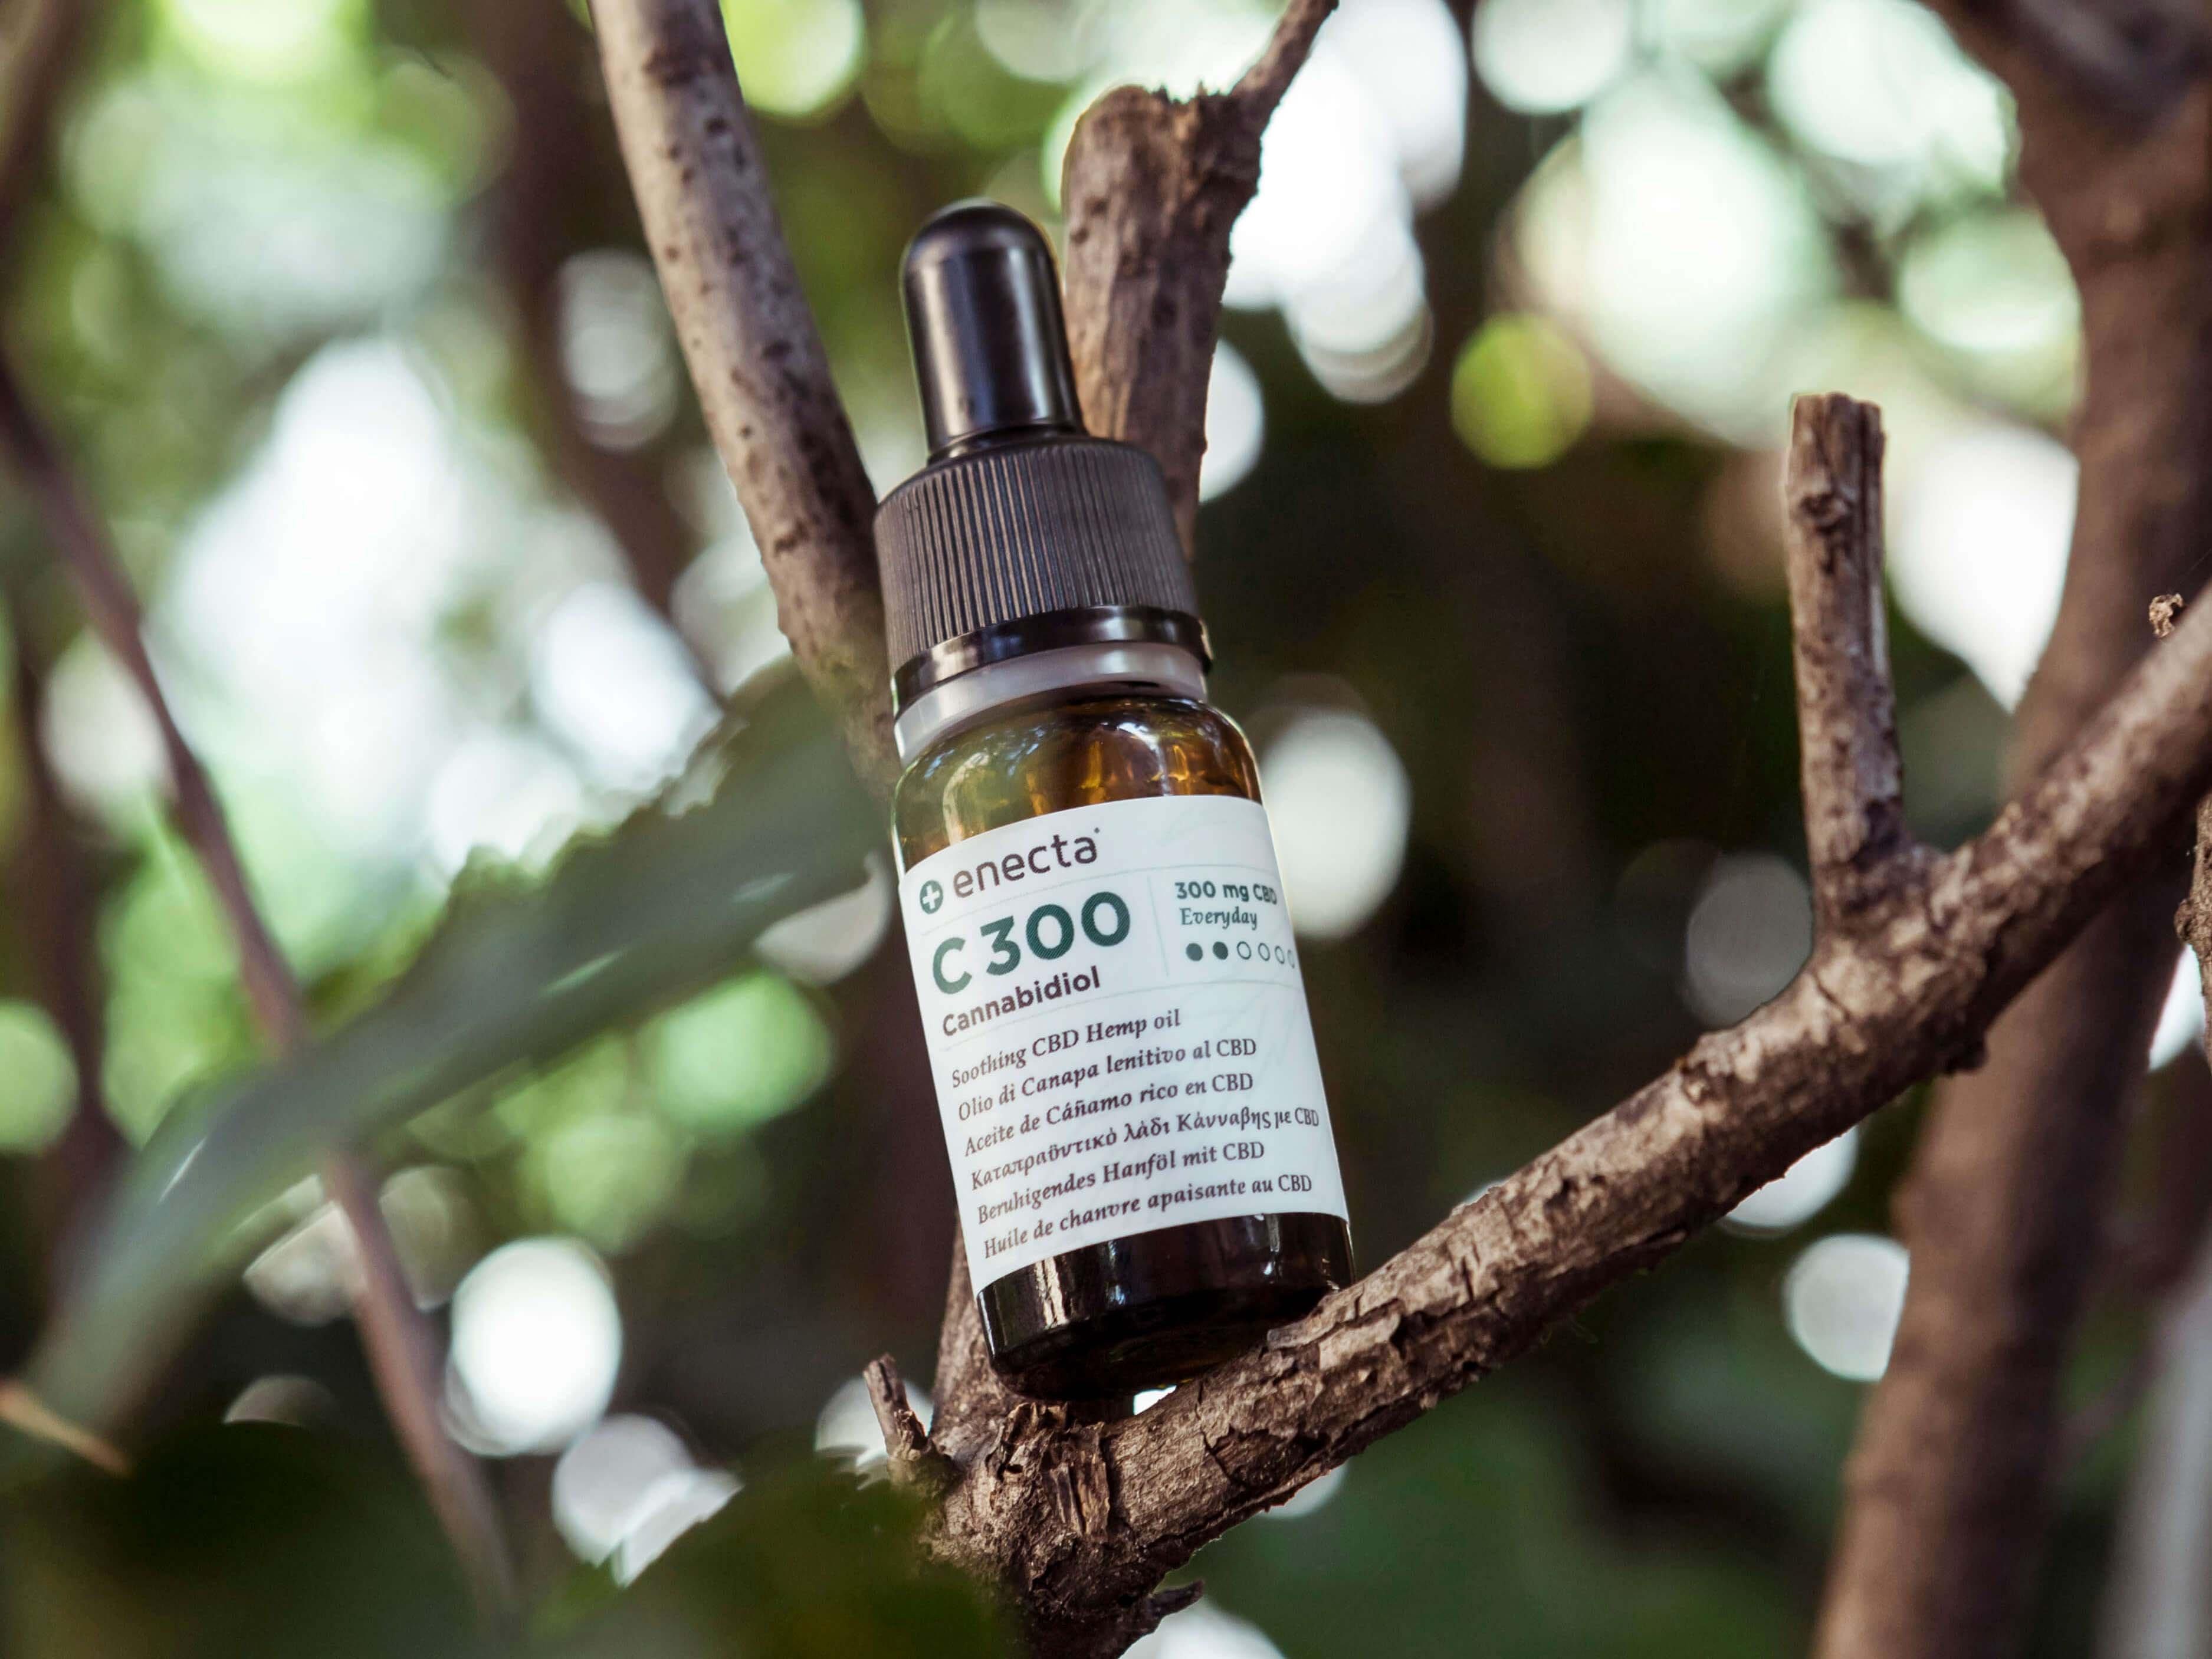 l'olio di cbd può essere assunto per ingestione, per via orale, tramite un vaporizzatore o spalmandolo sulla pelle.